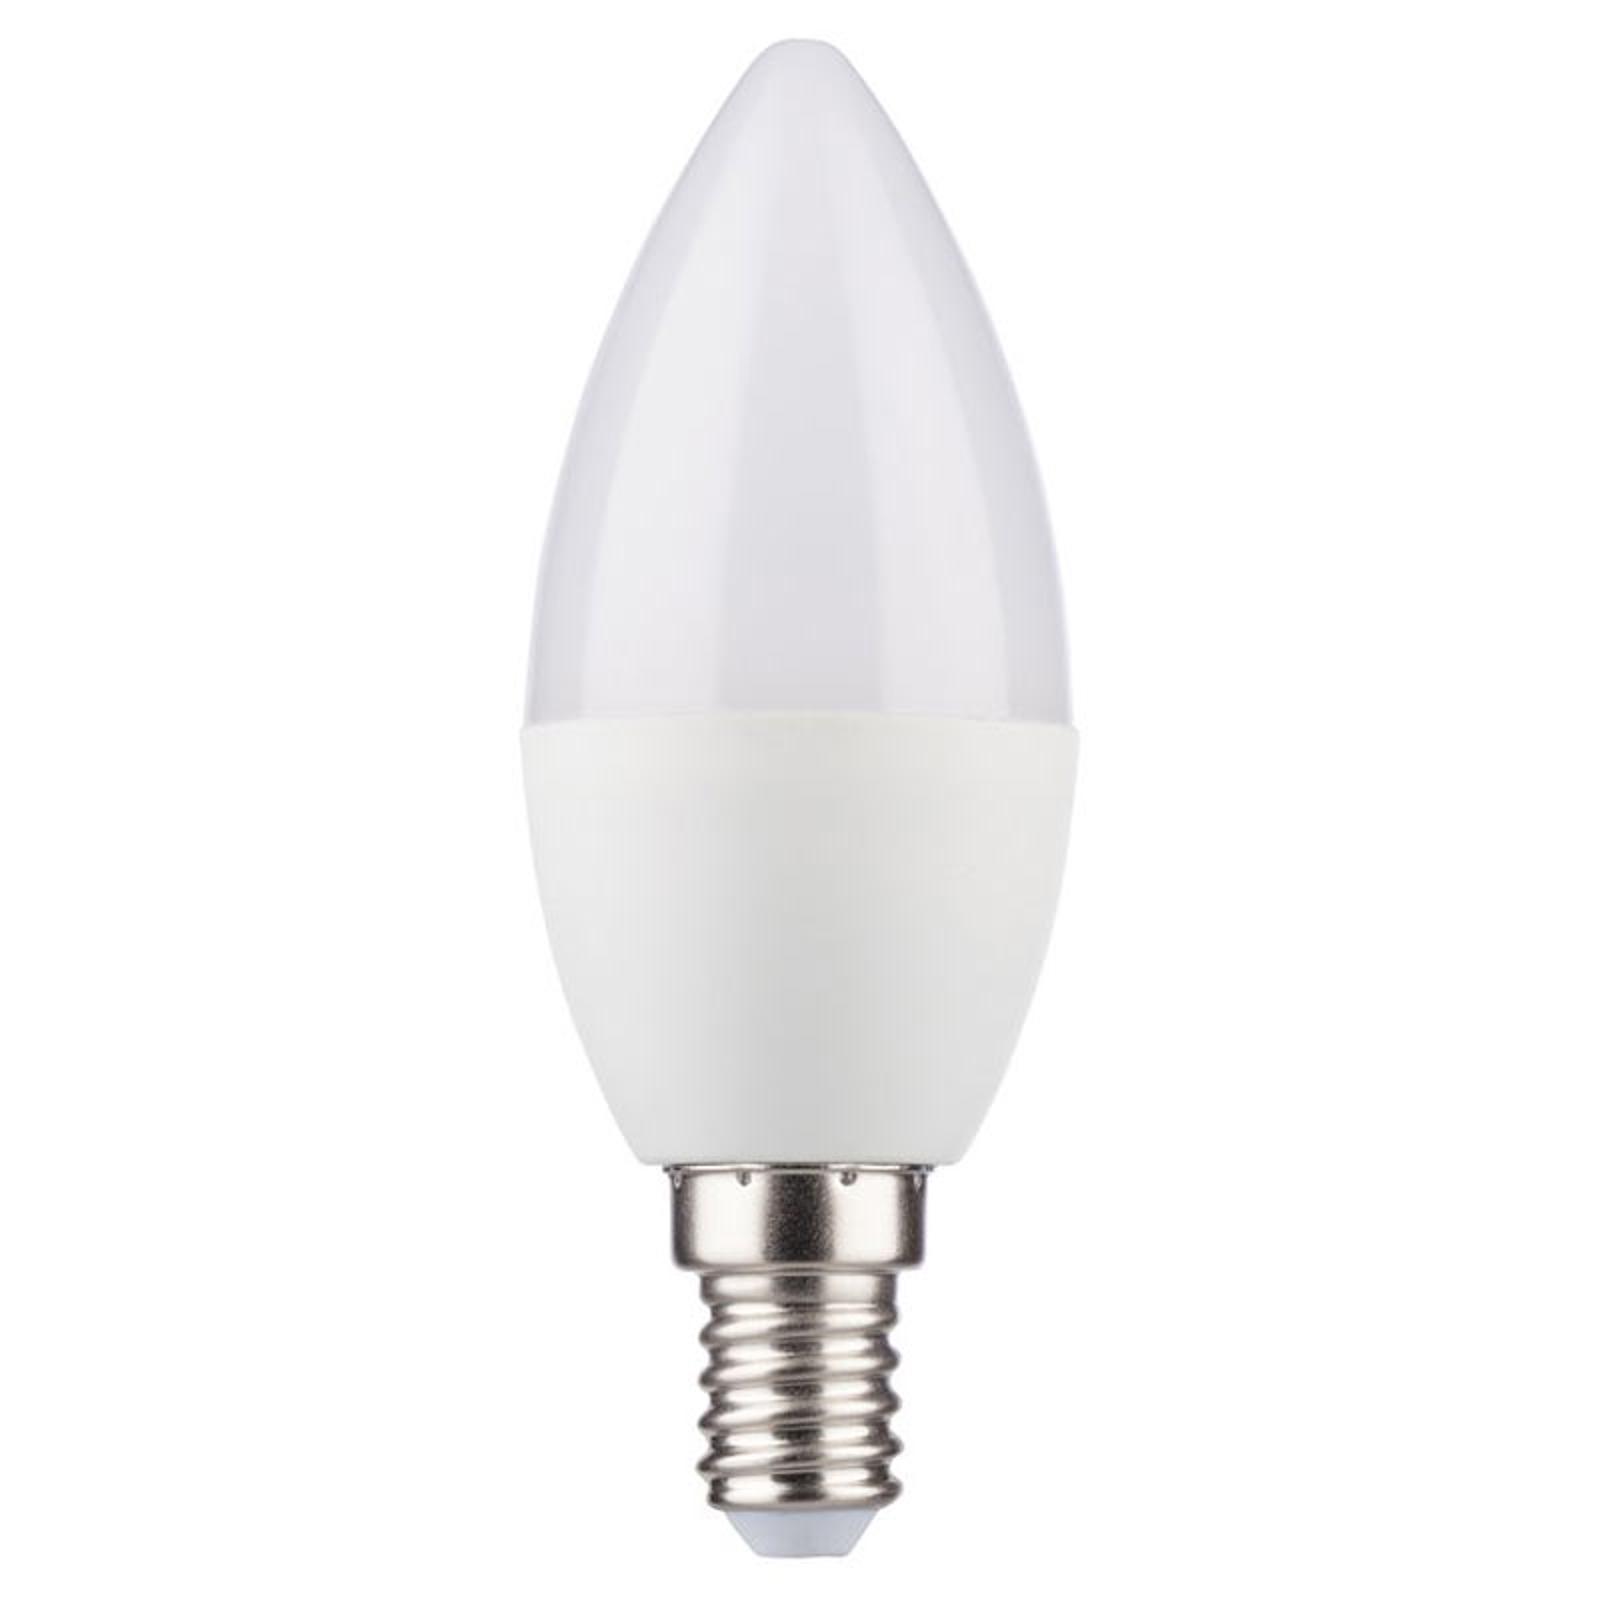 Żarówka świeca LED E14 5,5 W ciepła biel RA 95